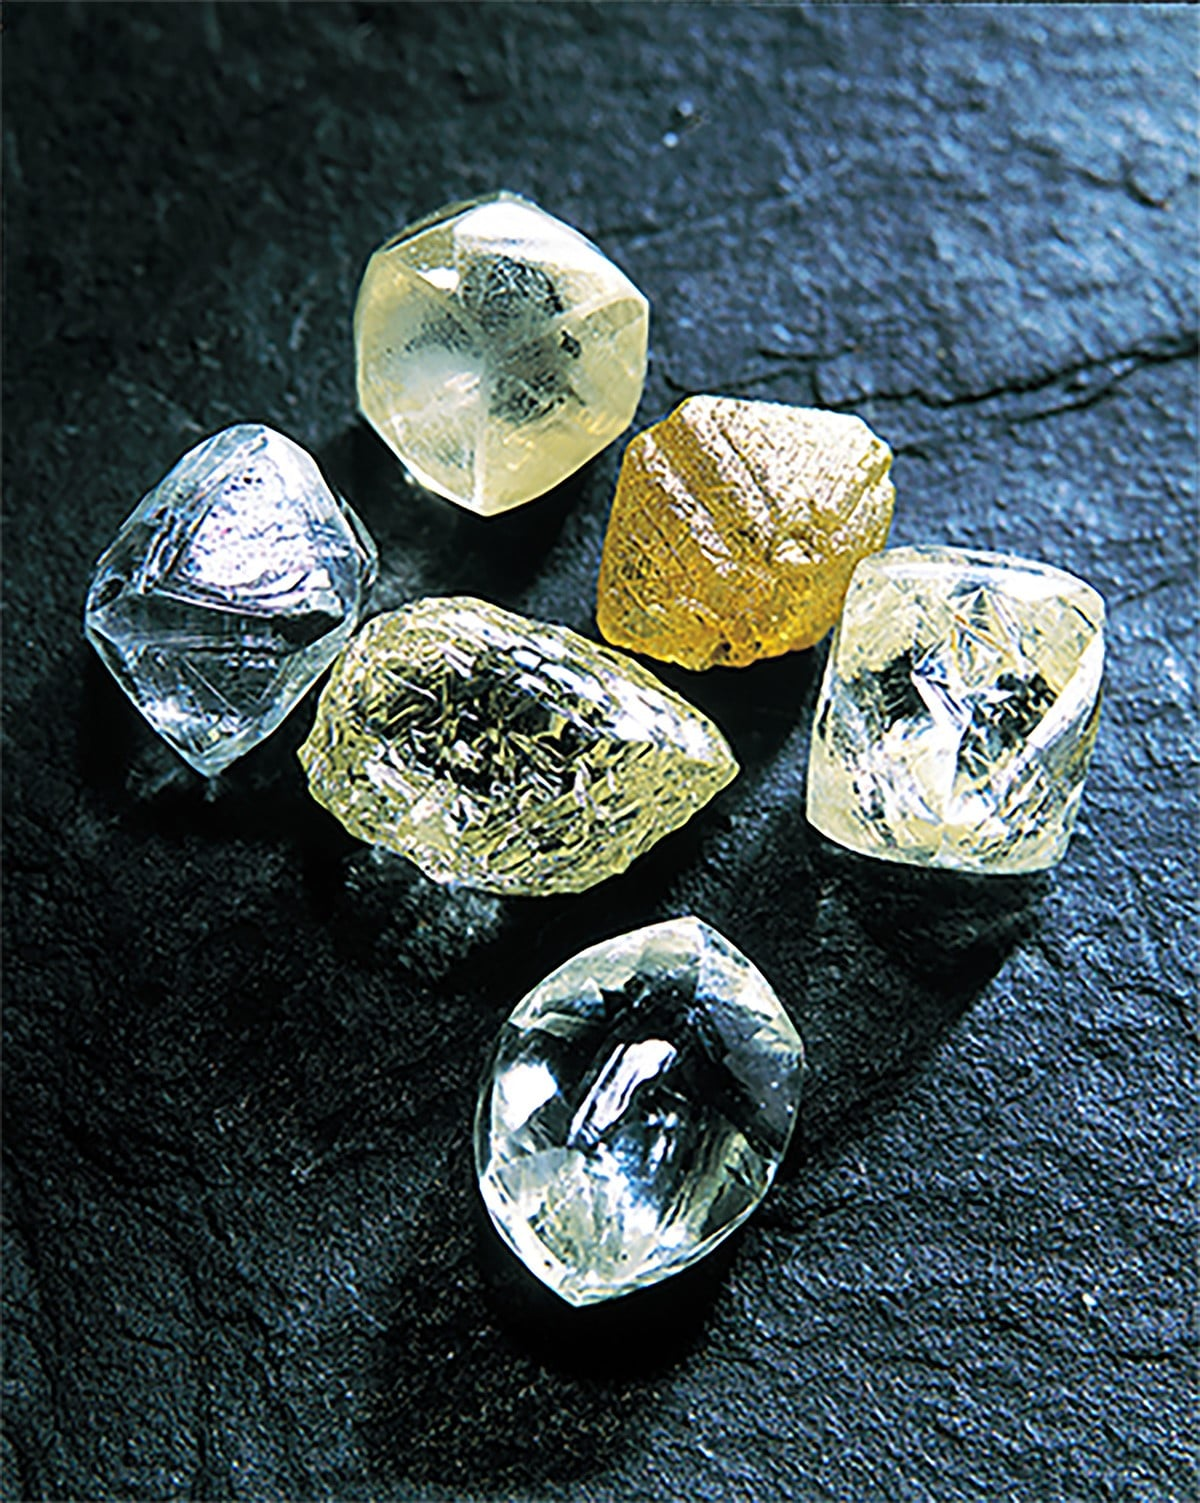 平时难得一见的原钻。即使未经切割、研磨,钻石原石的光辉依然美丽动人。